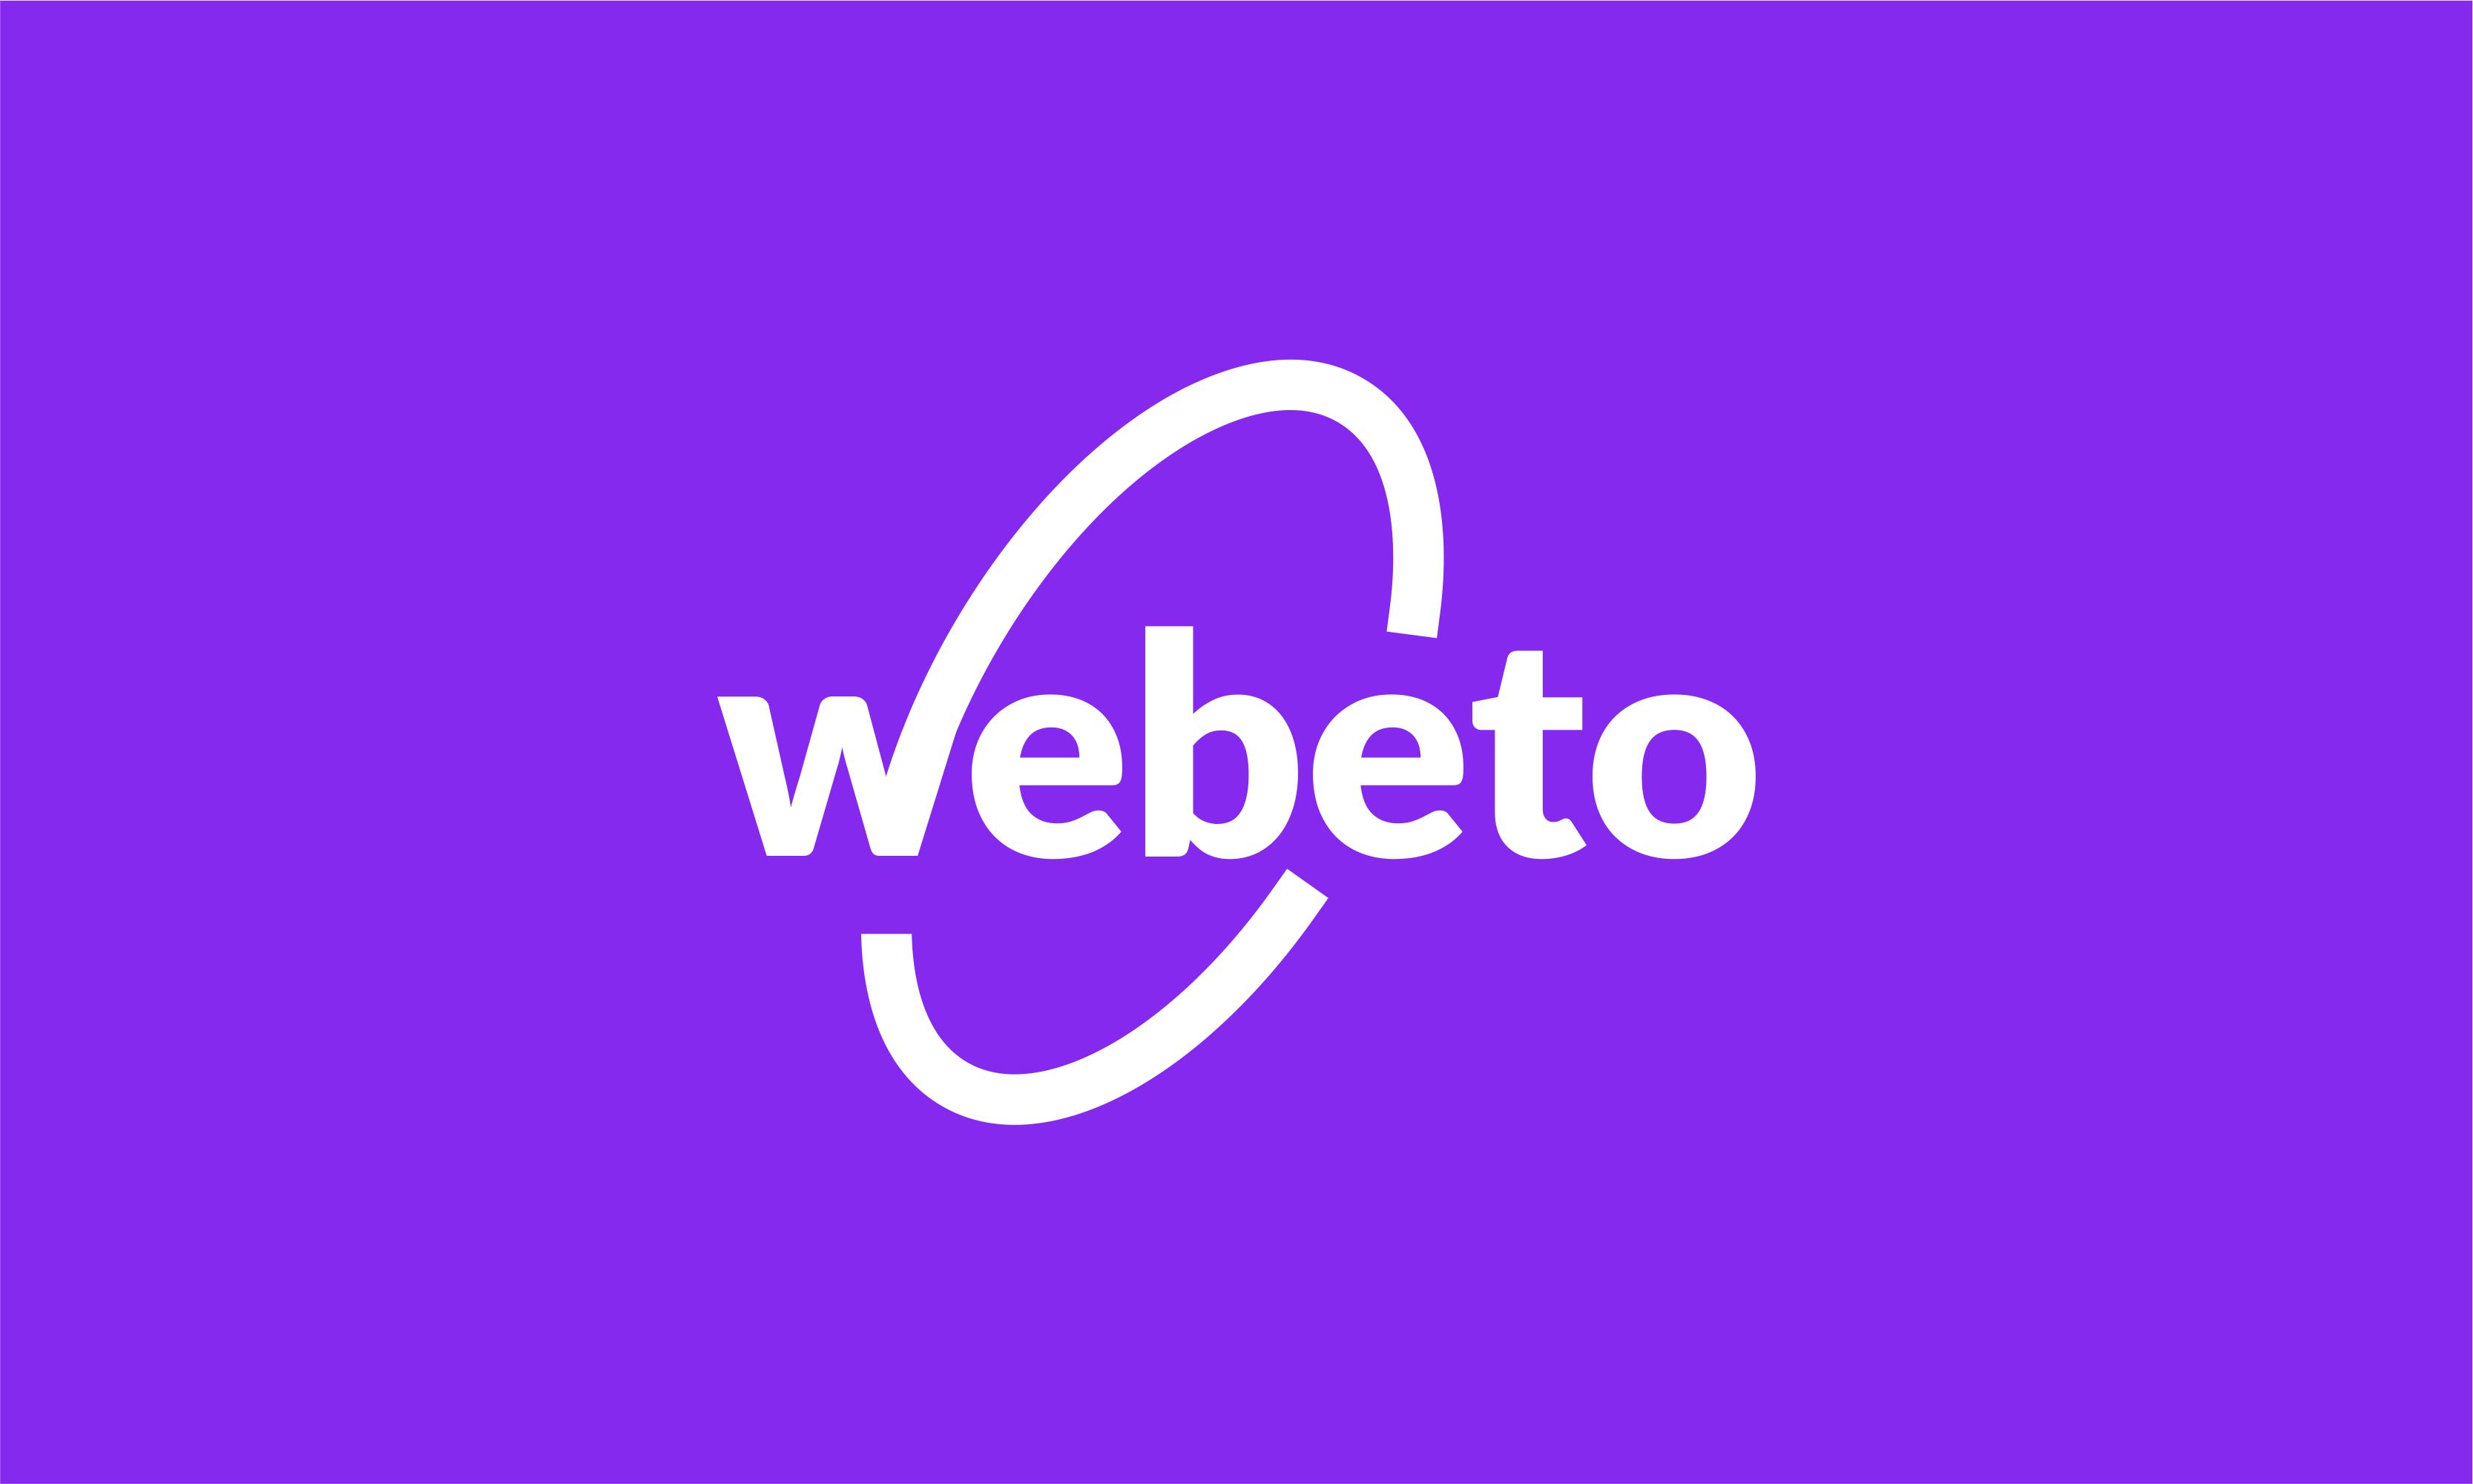 Webeto